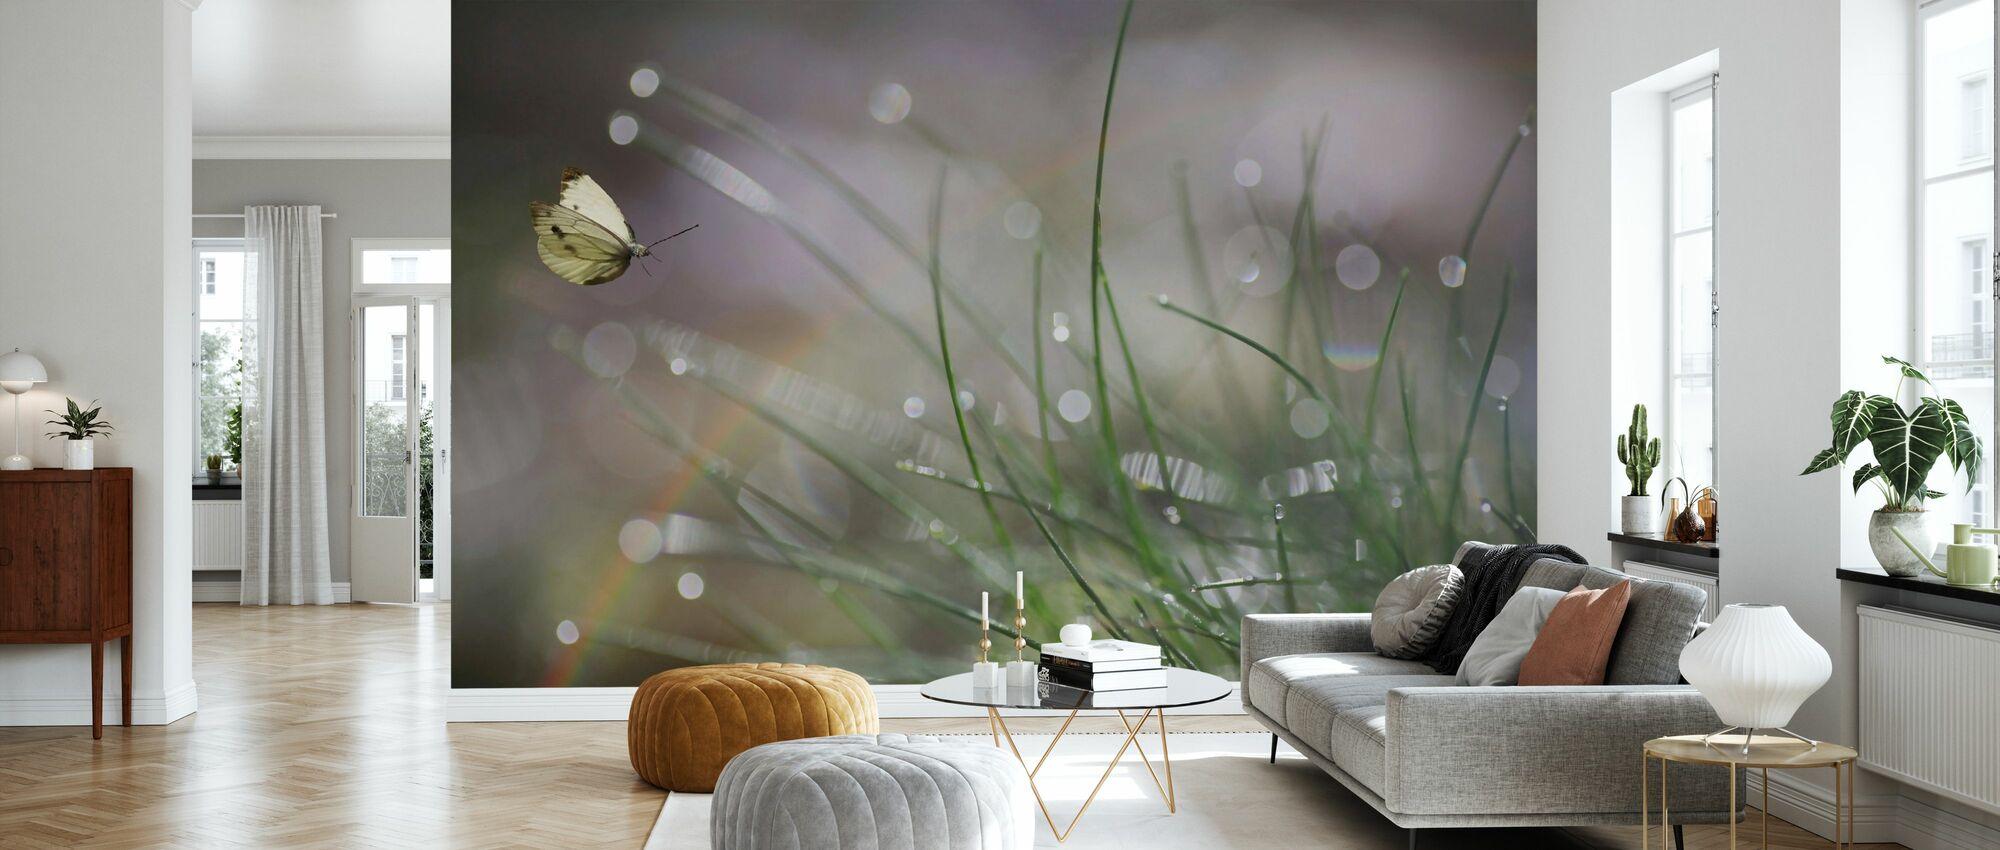 Imminent landing - Wallpaper - Living Room